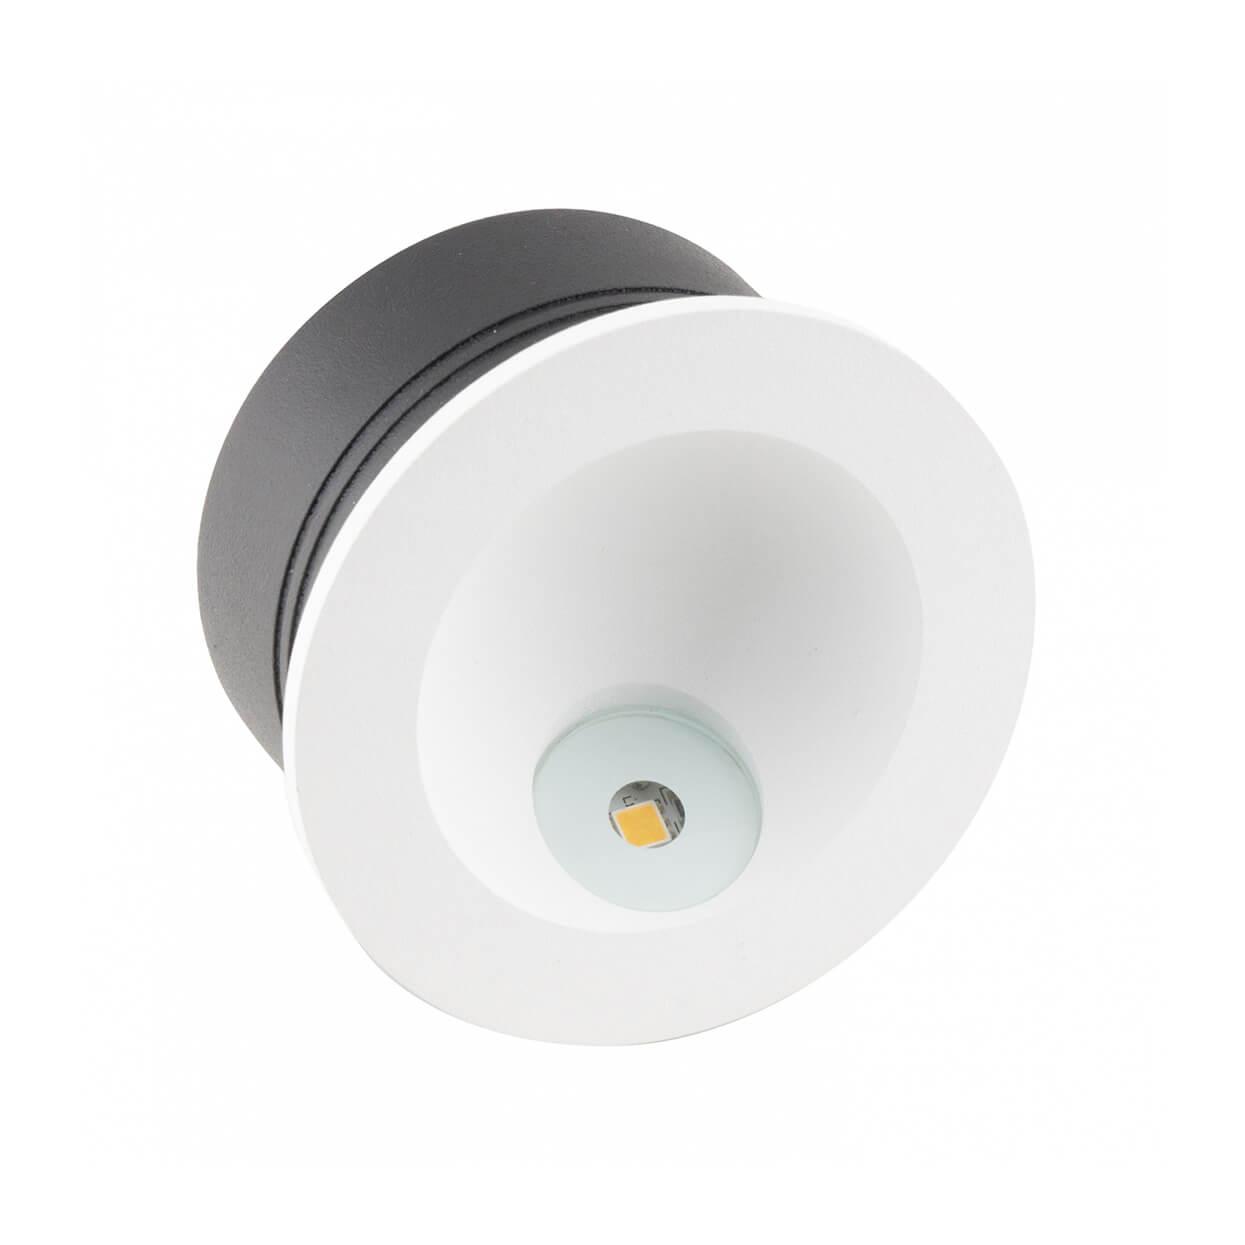 Стенна лампа Time, кръгла с IP54